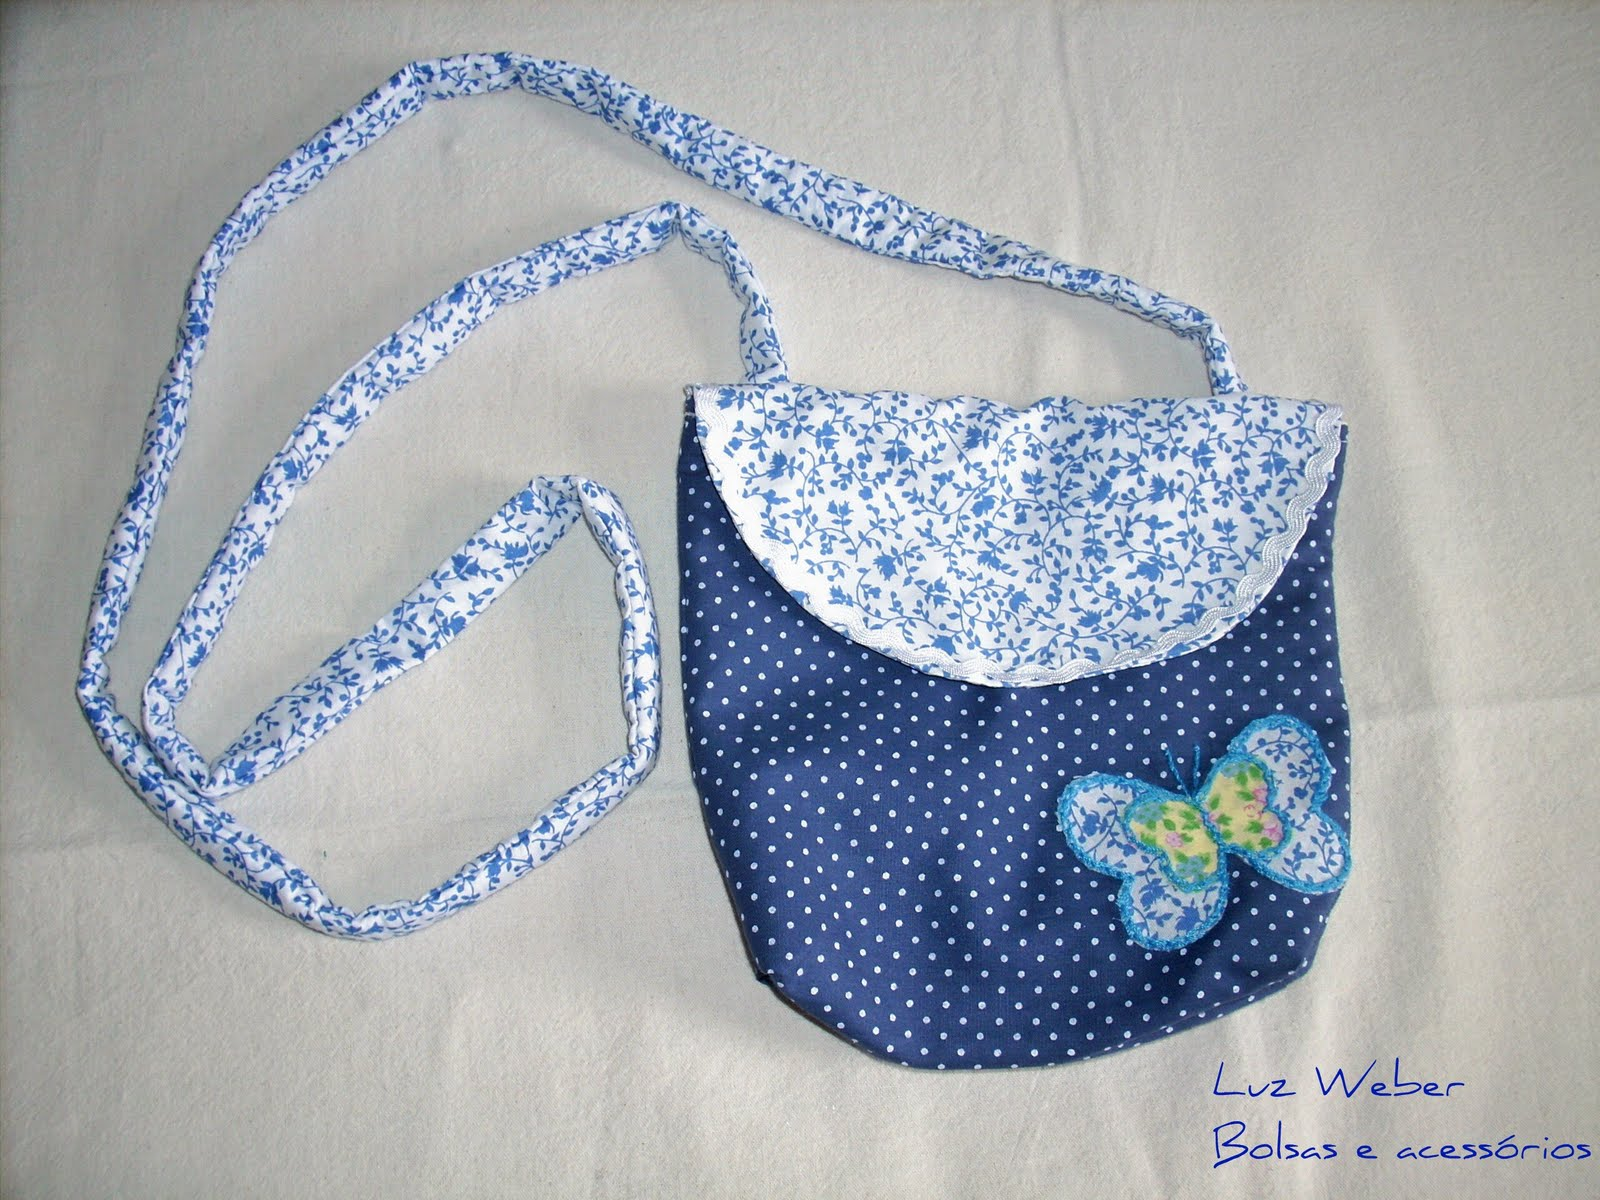 Bolsa Em Tecido Infantil : Luz weber molde de bolsa infantil a tiracolo